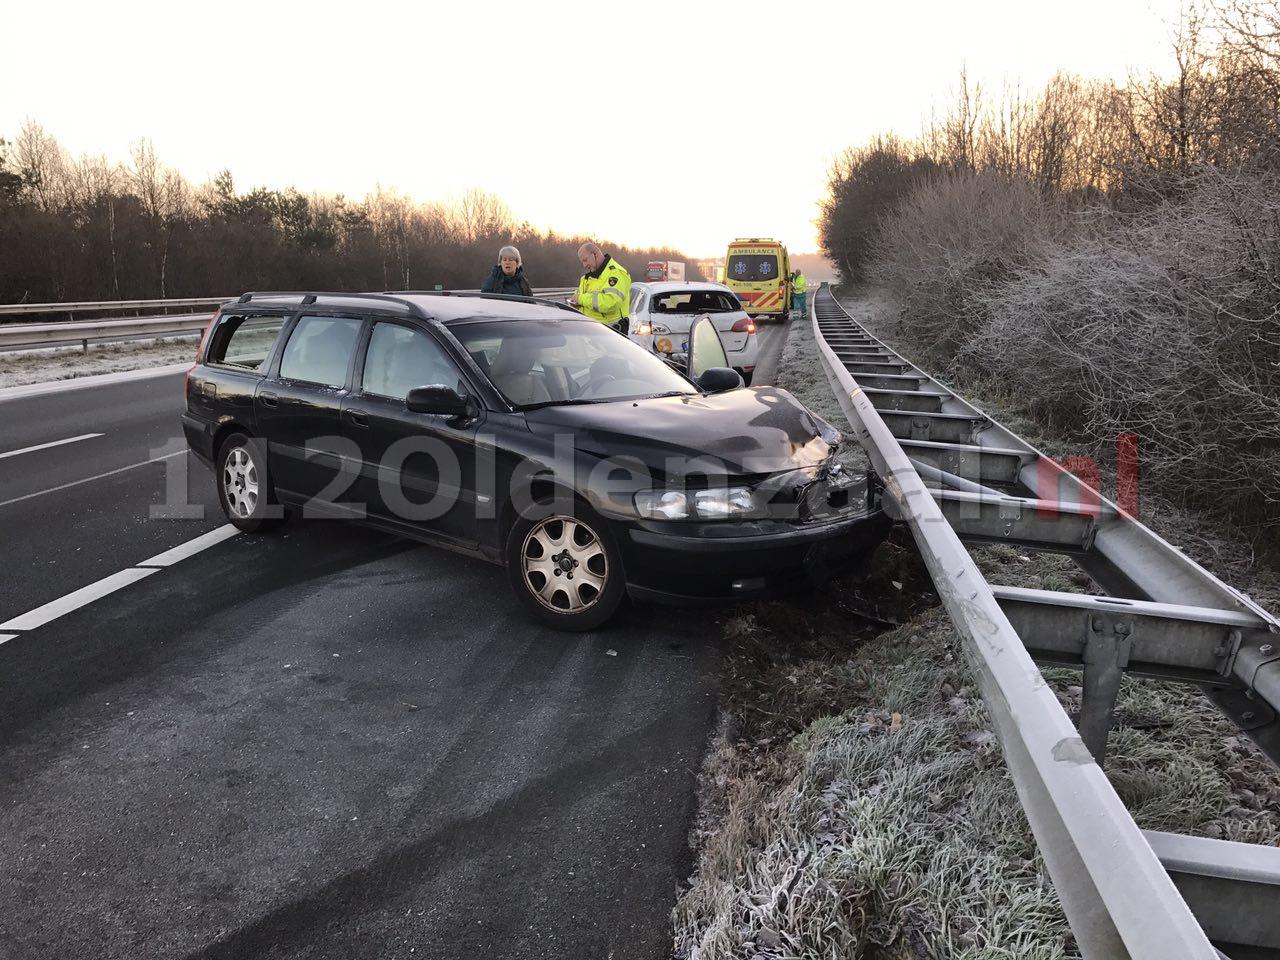 Foto 3: Opnieuw ongeval A1 Oldenzaal, auto op de kant, snelweg dicht